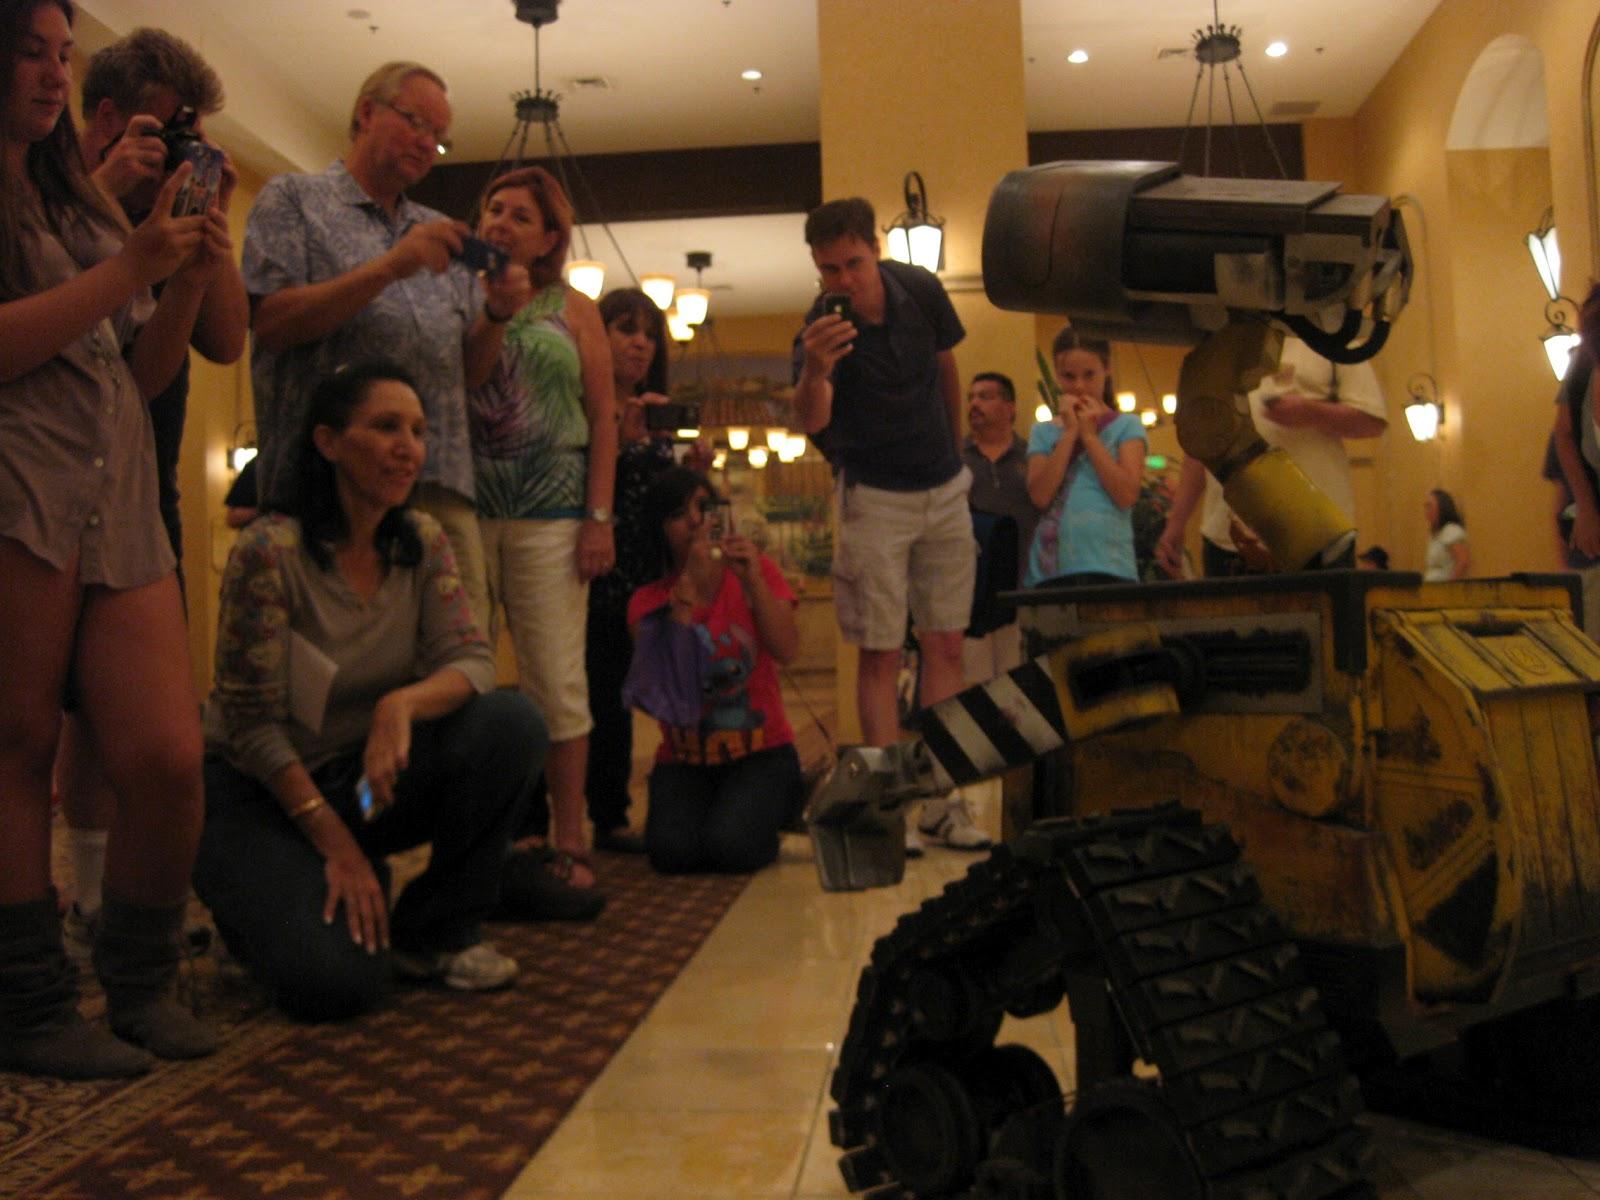 Adventures with WALL-E: Disneyana Show & Sale, Garden Grove